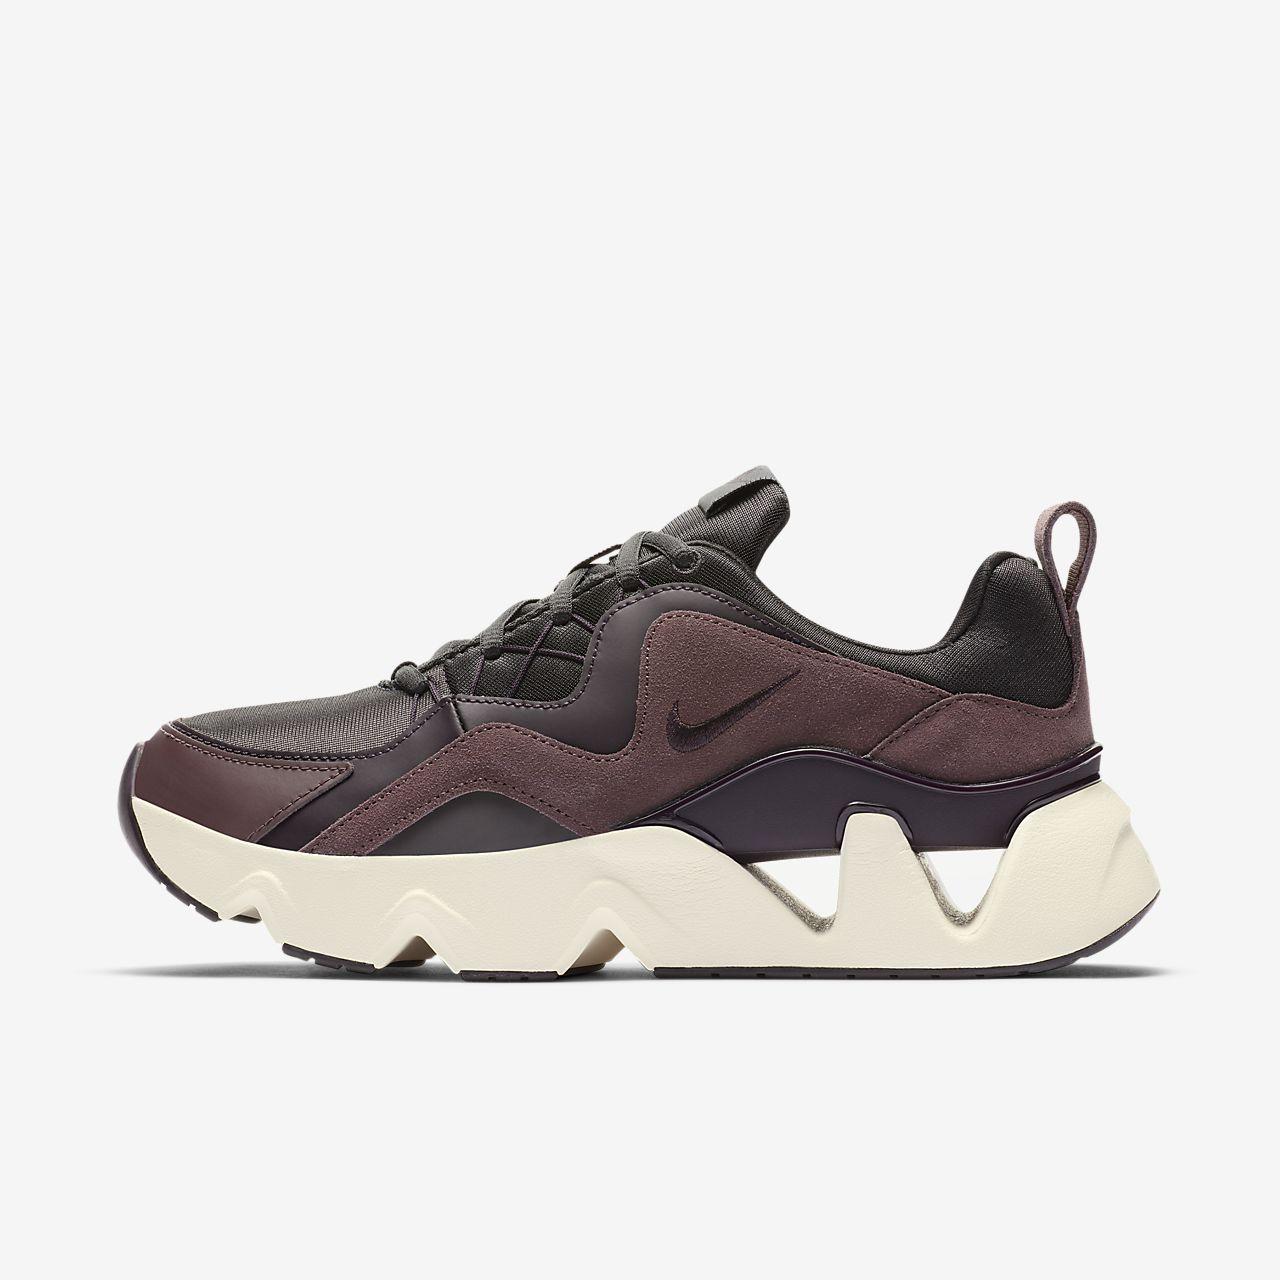 Sapatilhas Nike RYZ 365 para mulher